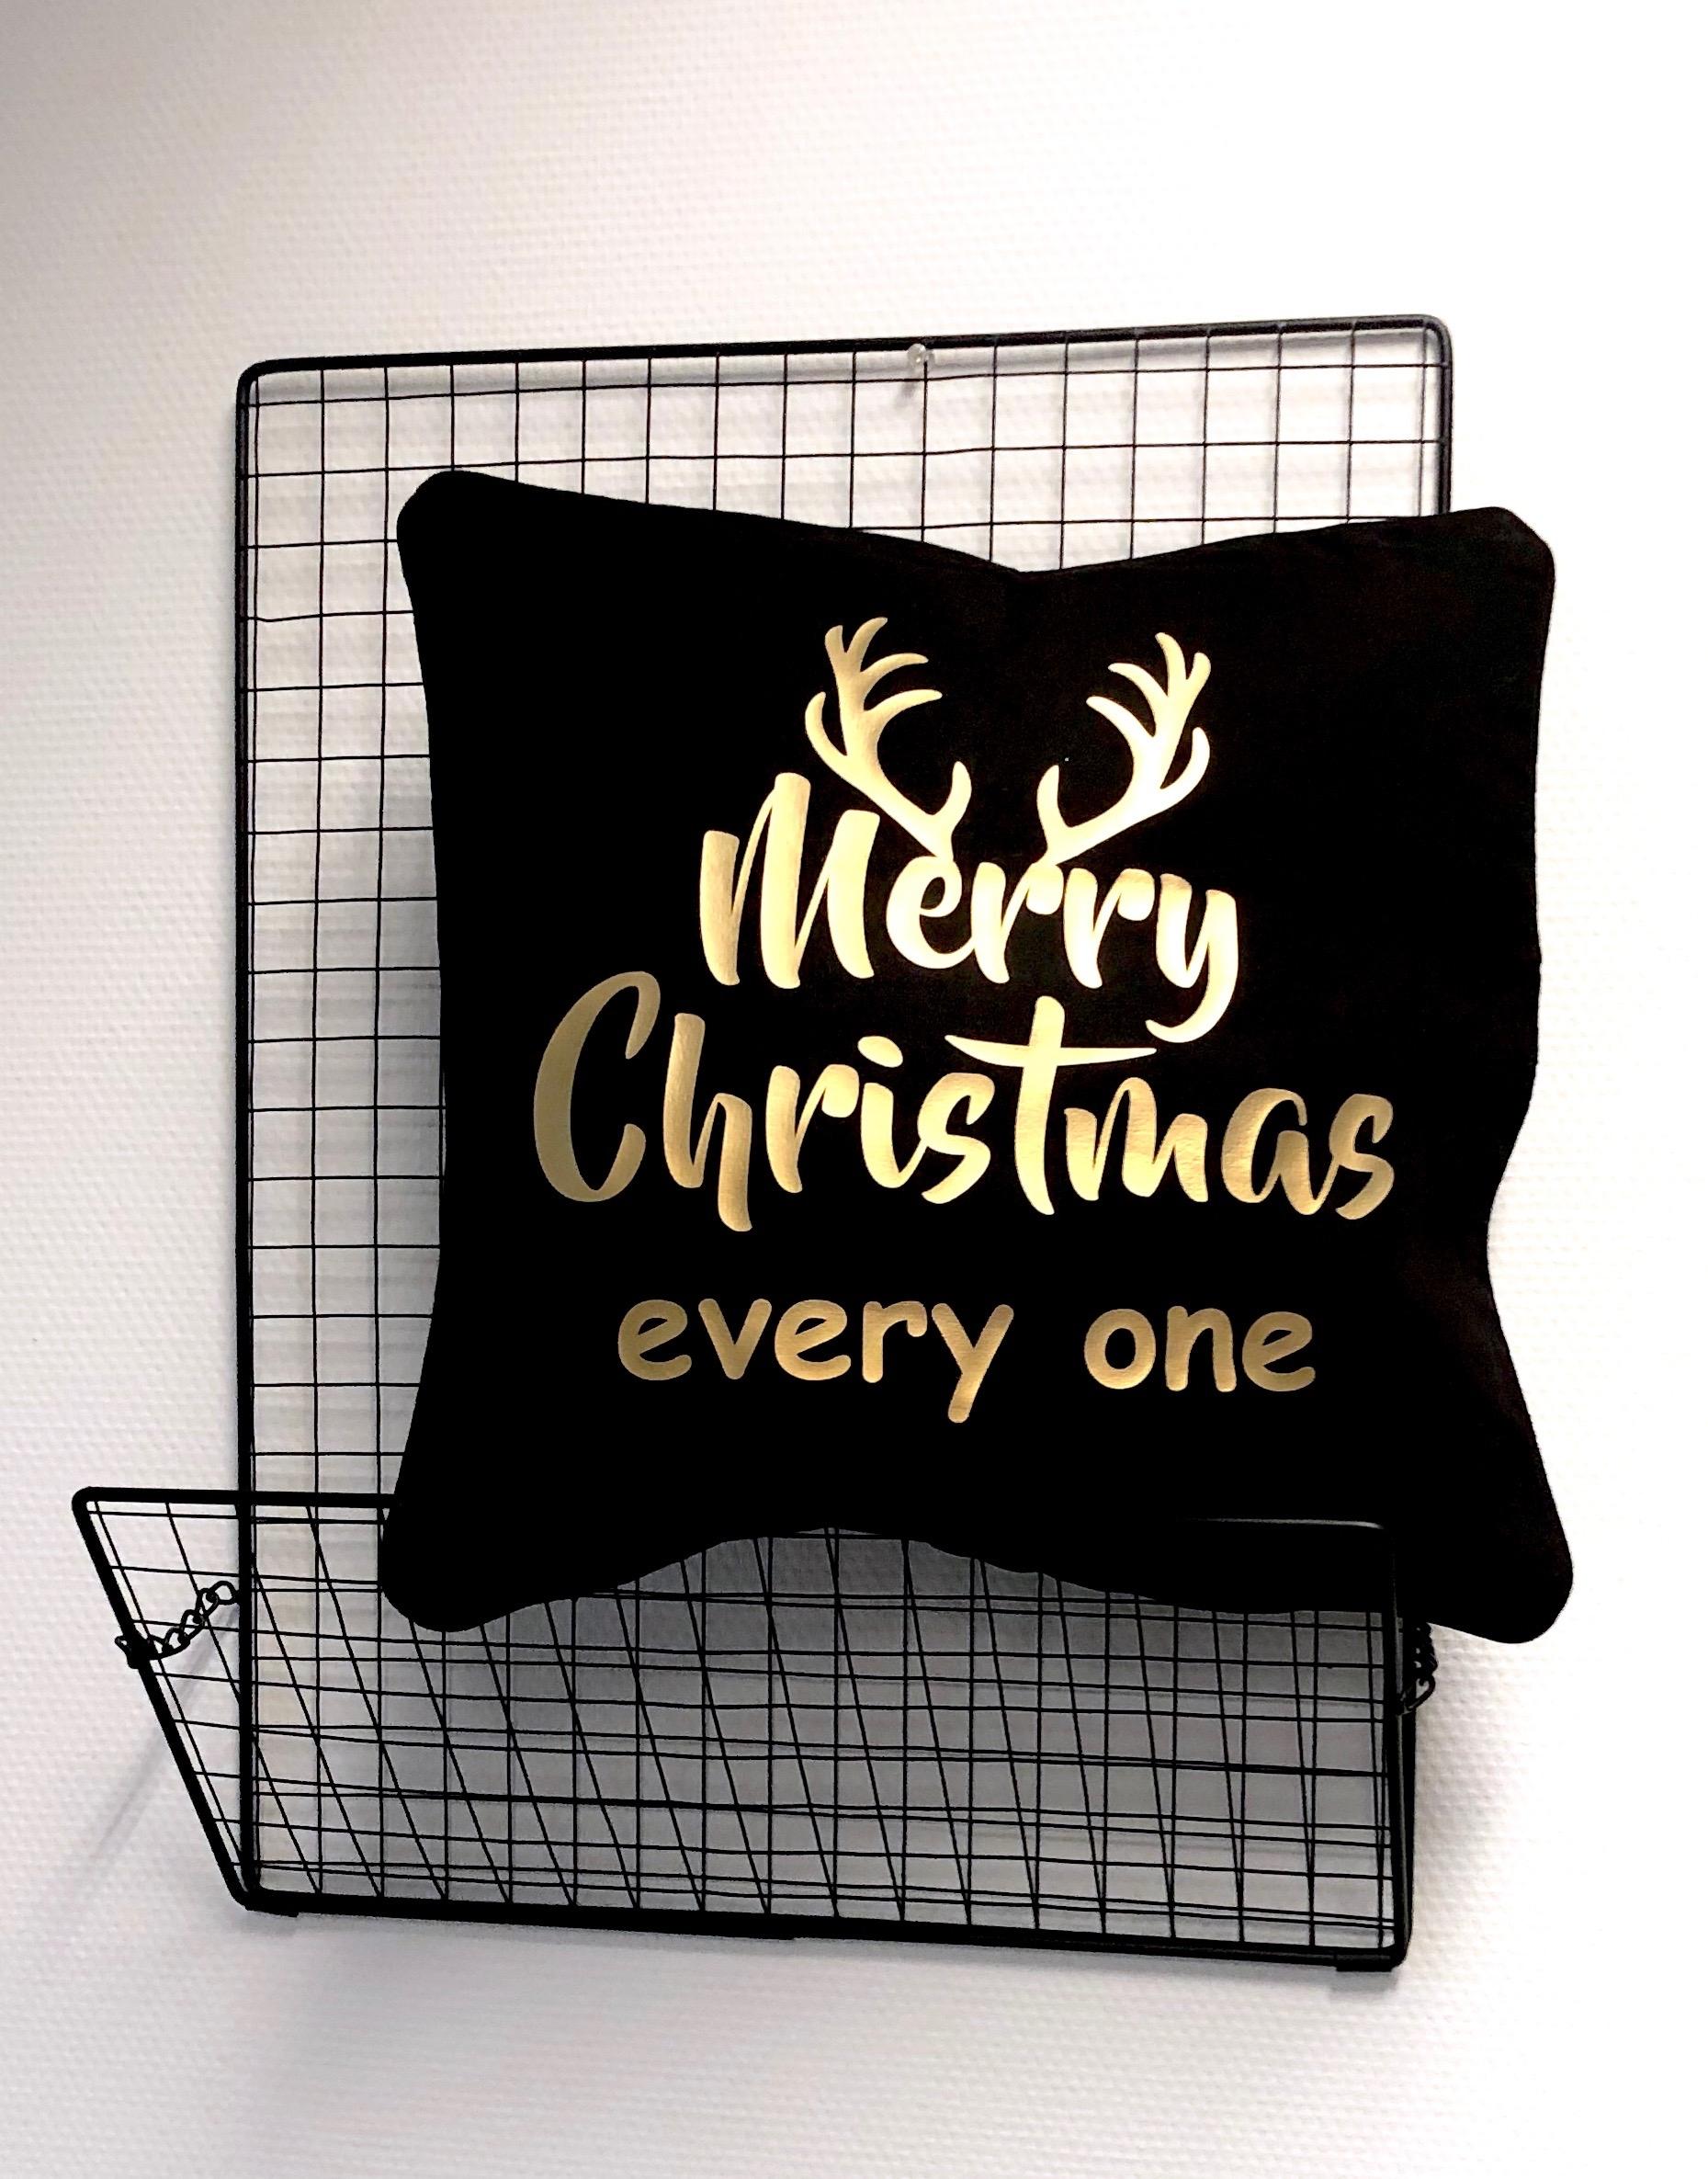 Kerstdecoratie | kussenslooo 'Merry Christmas'